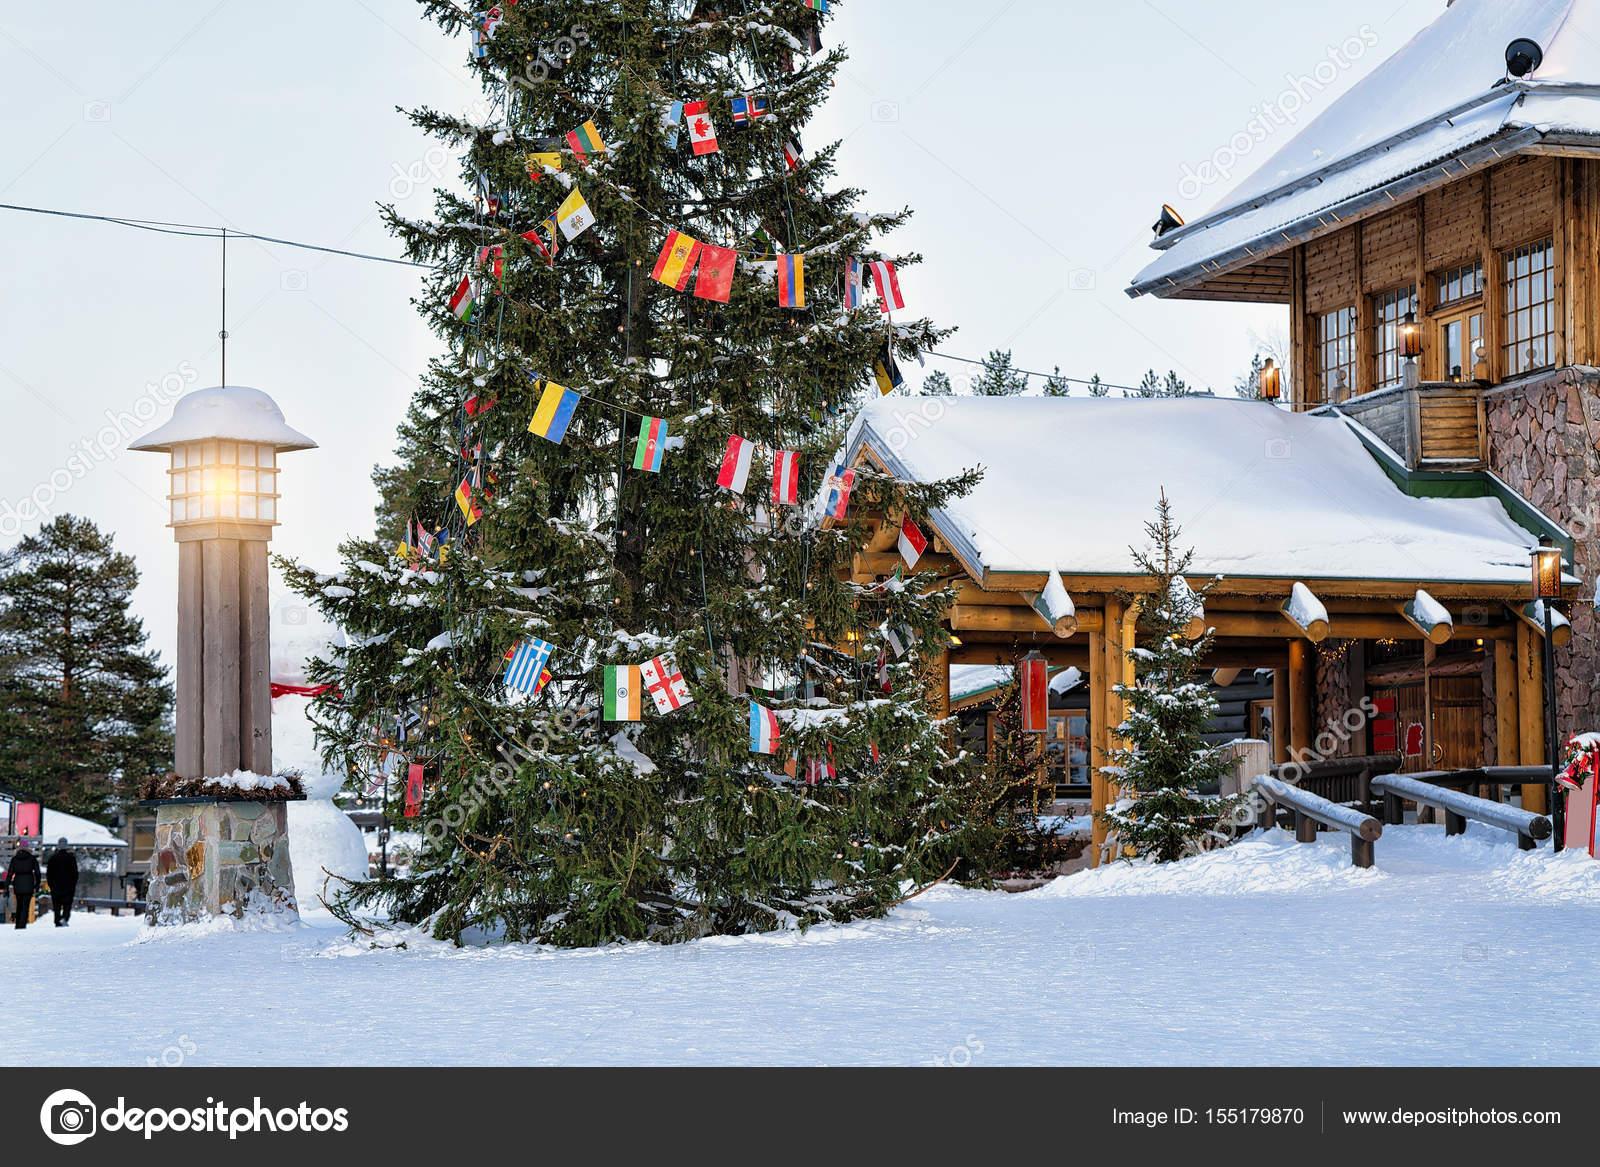 Villaggio Di Babbo Natale In Lapponia.Villaggio Di Babbo Natale Con L Albero Di Natale In Lapponia